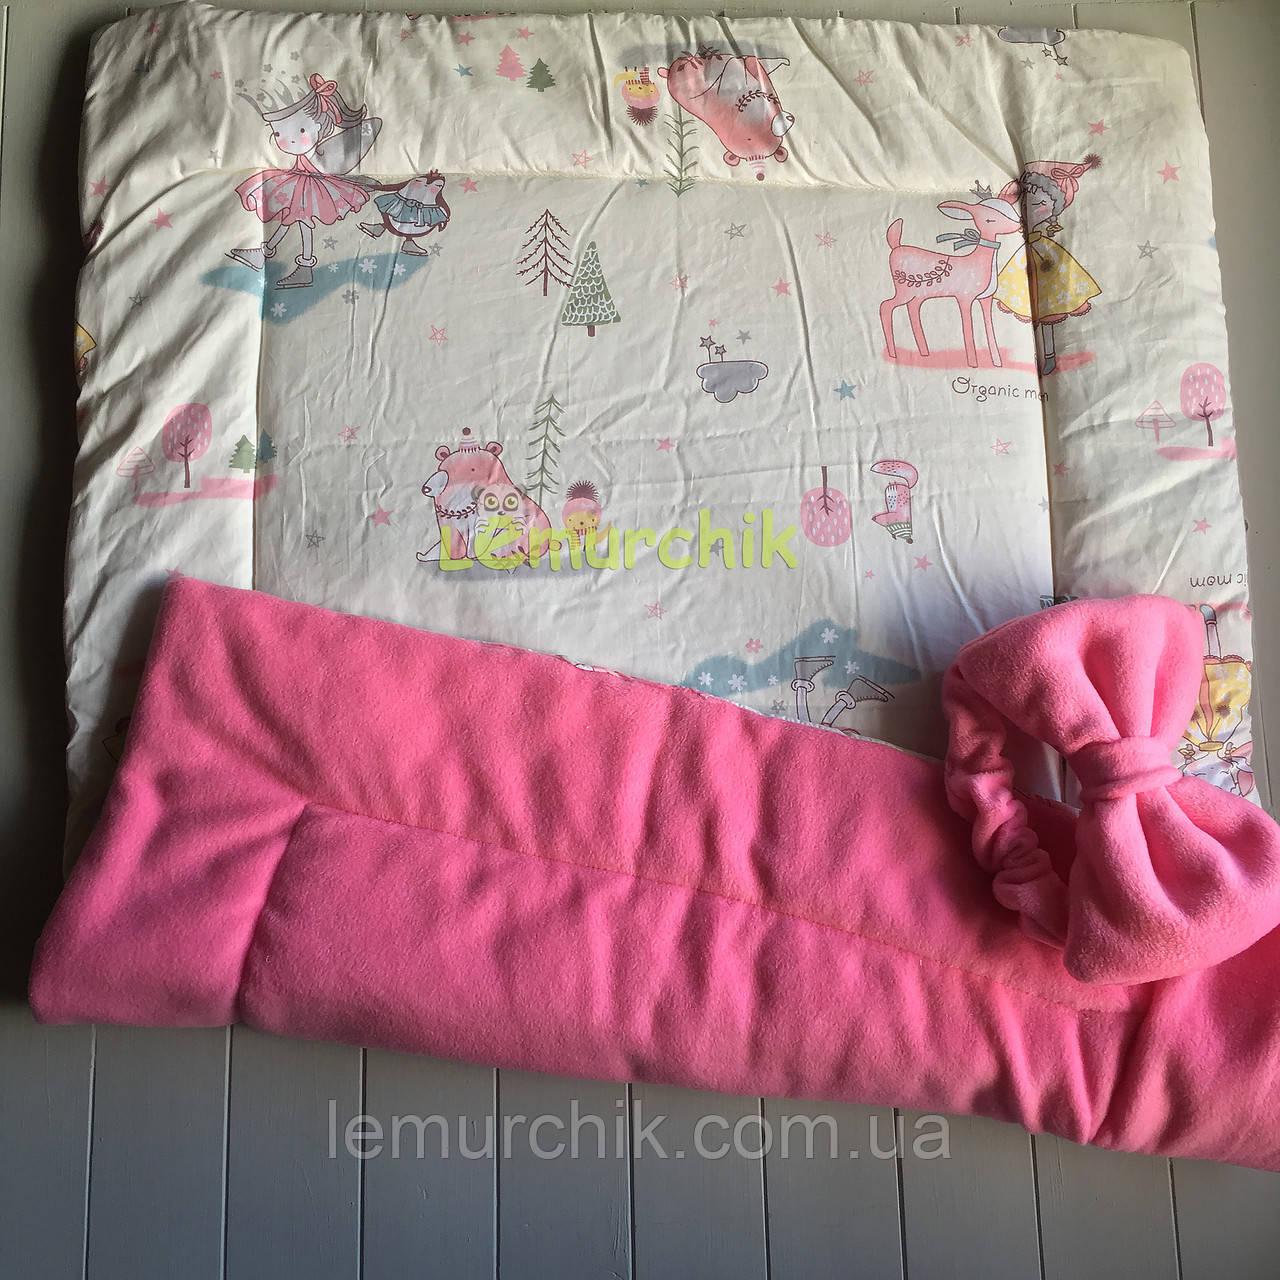 Флисовый плед-конверт с декоративным бантиком 100х80 см, розовый